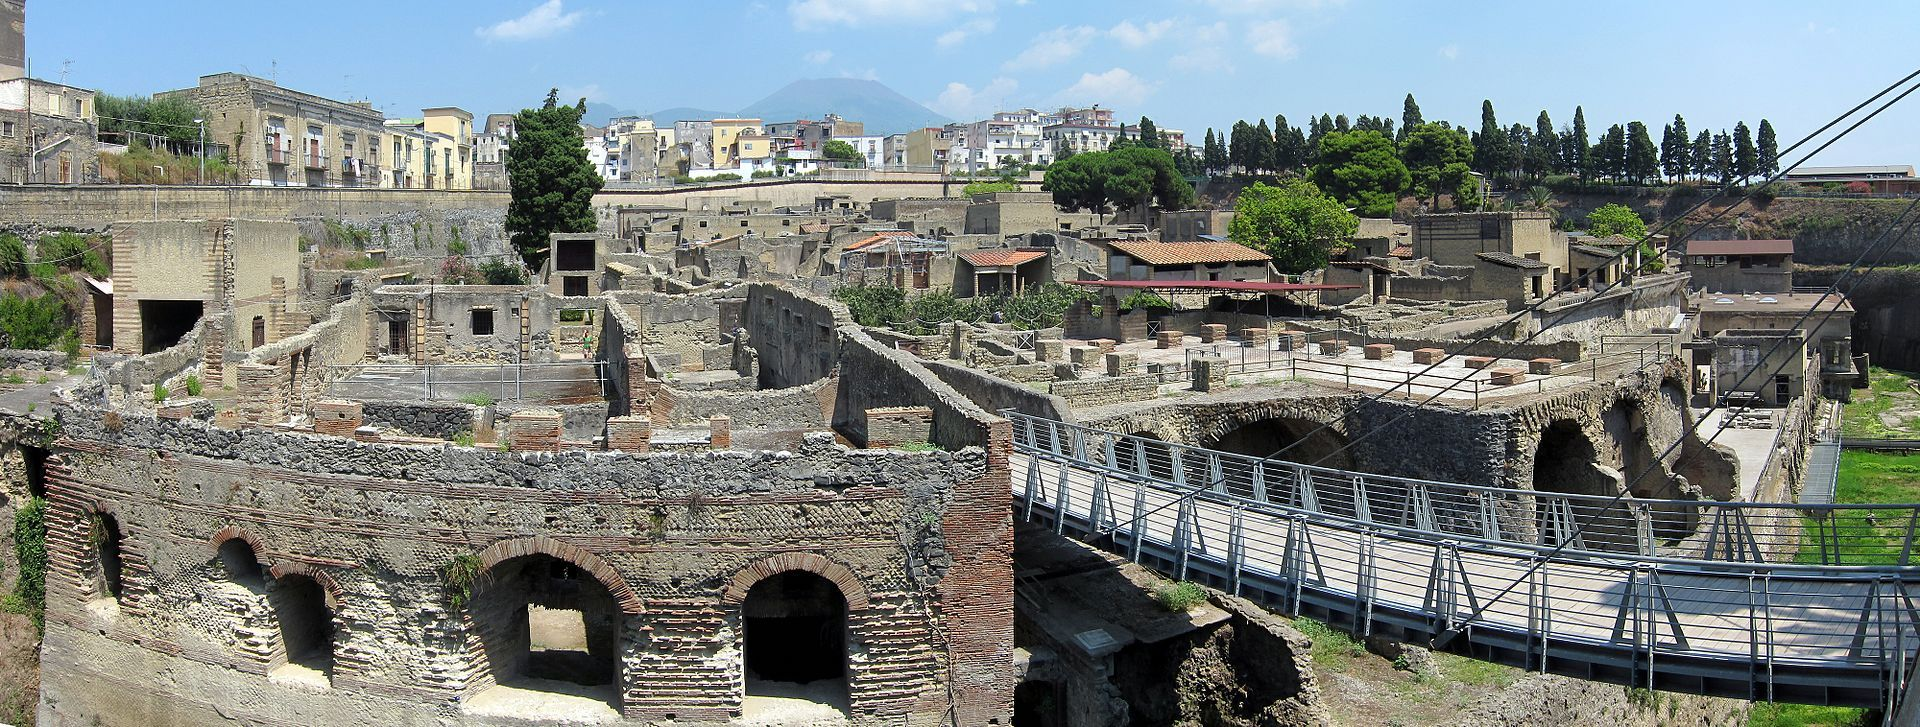 La ville romaine d'Herculanum, détruite après l'éruption du Vésuve.